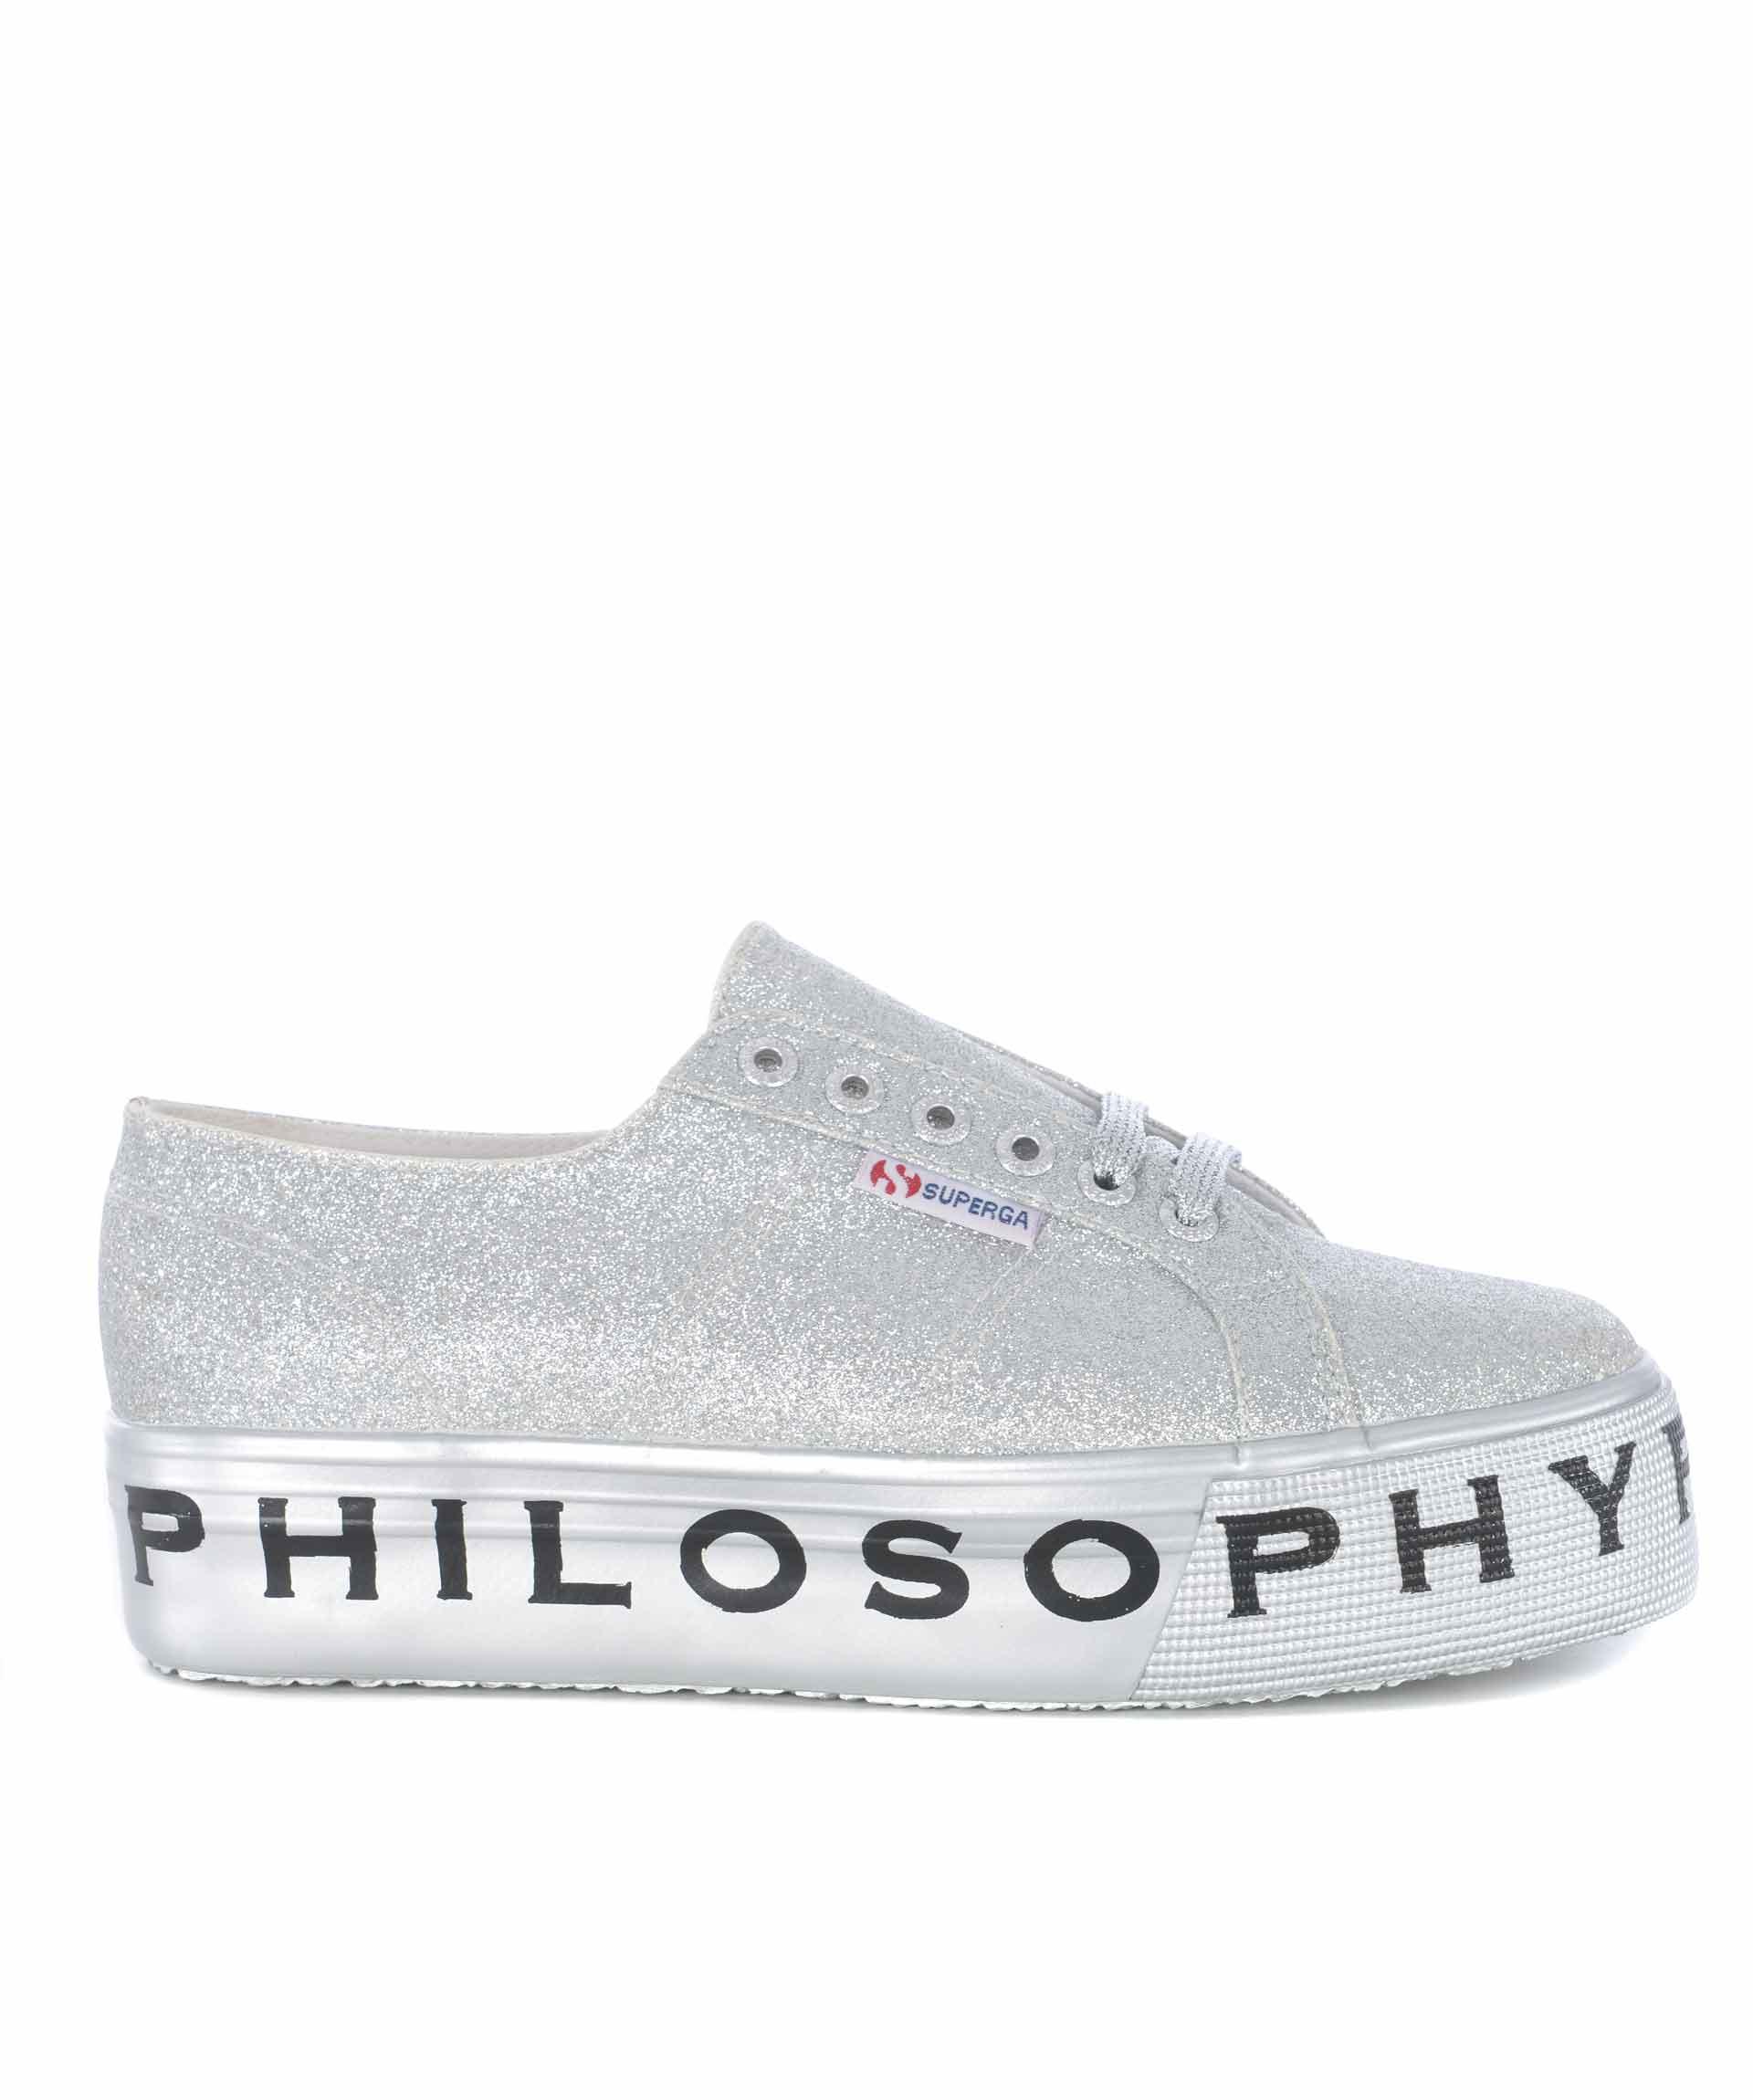 Nuovi Prodotti cec2a cd579 Sneakers donna Superga x Philosophy di Lorenzo Serafini